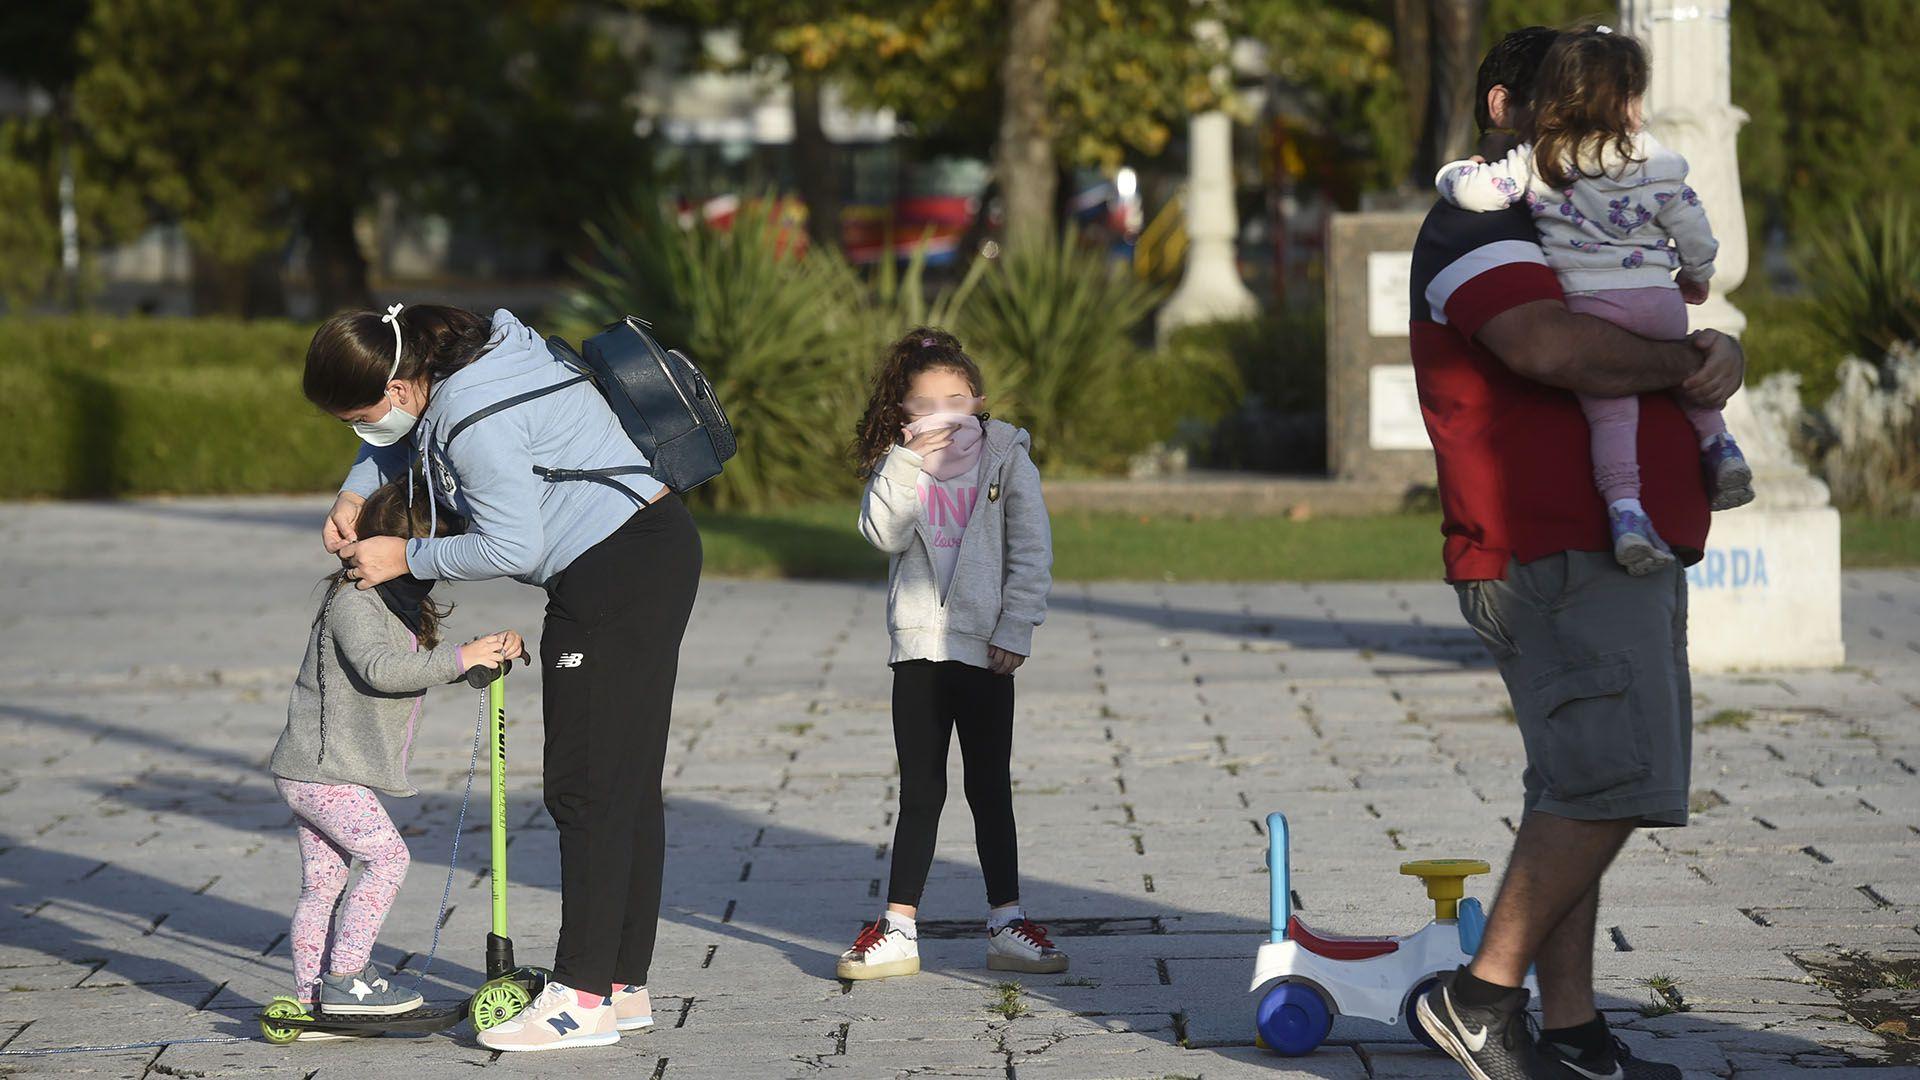 Chicos en las plazas en cuarentena - Coronavirus Argentina